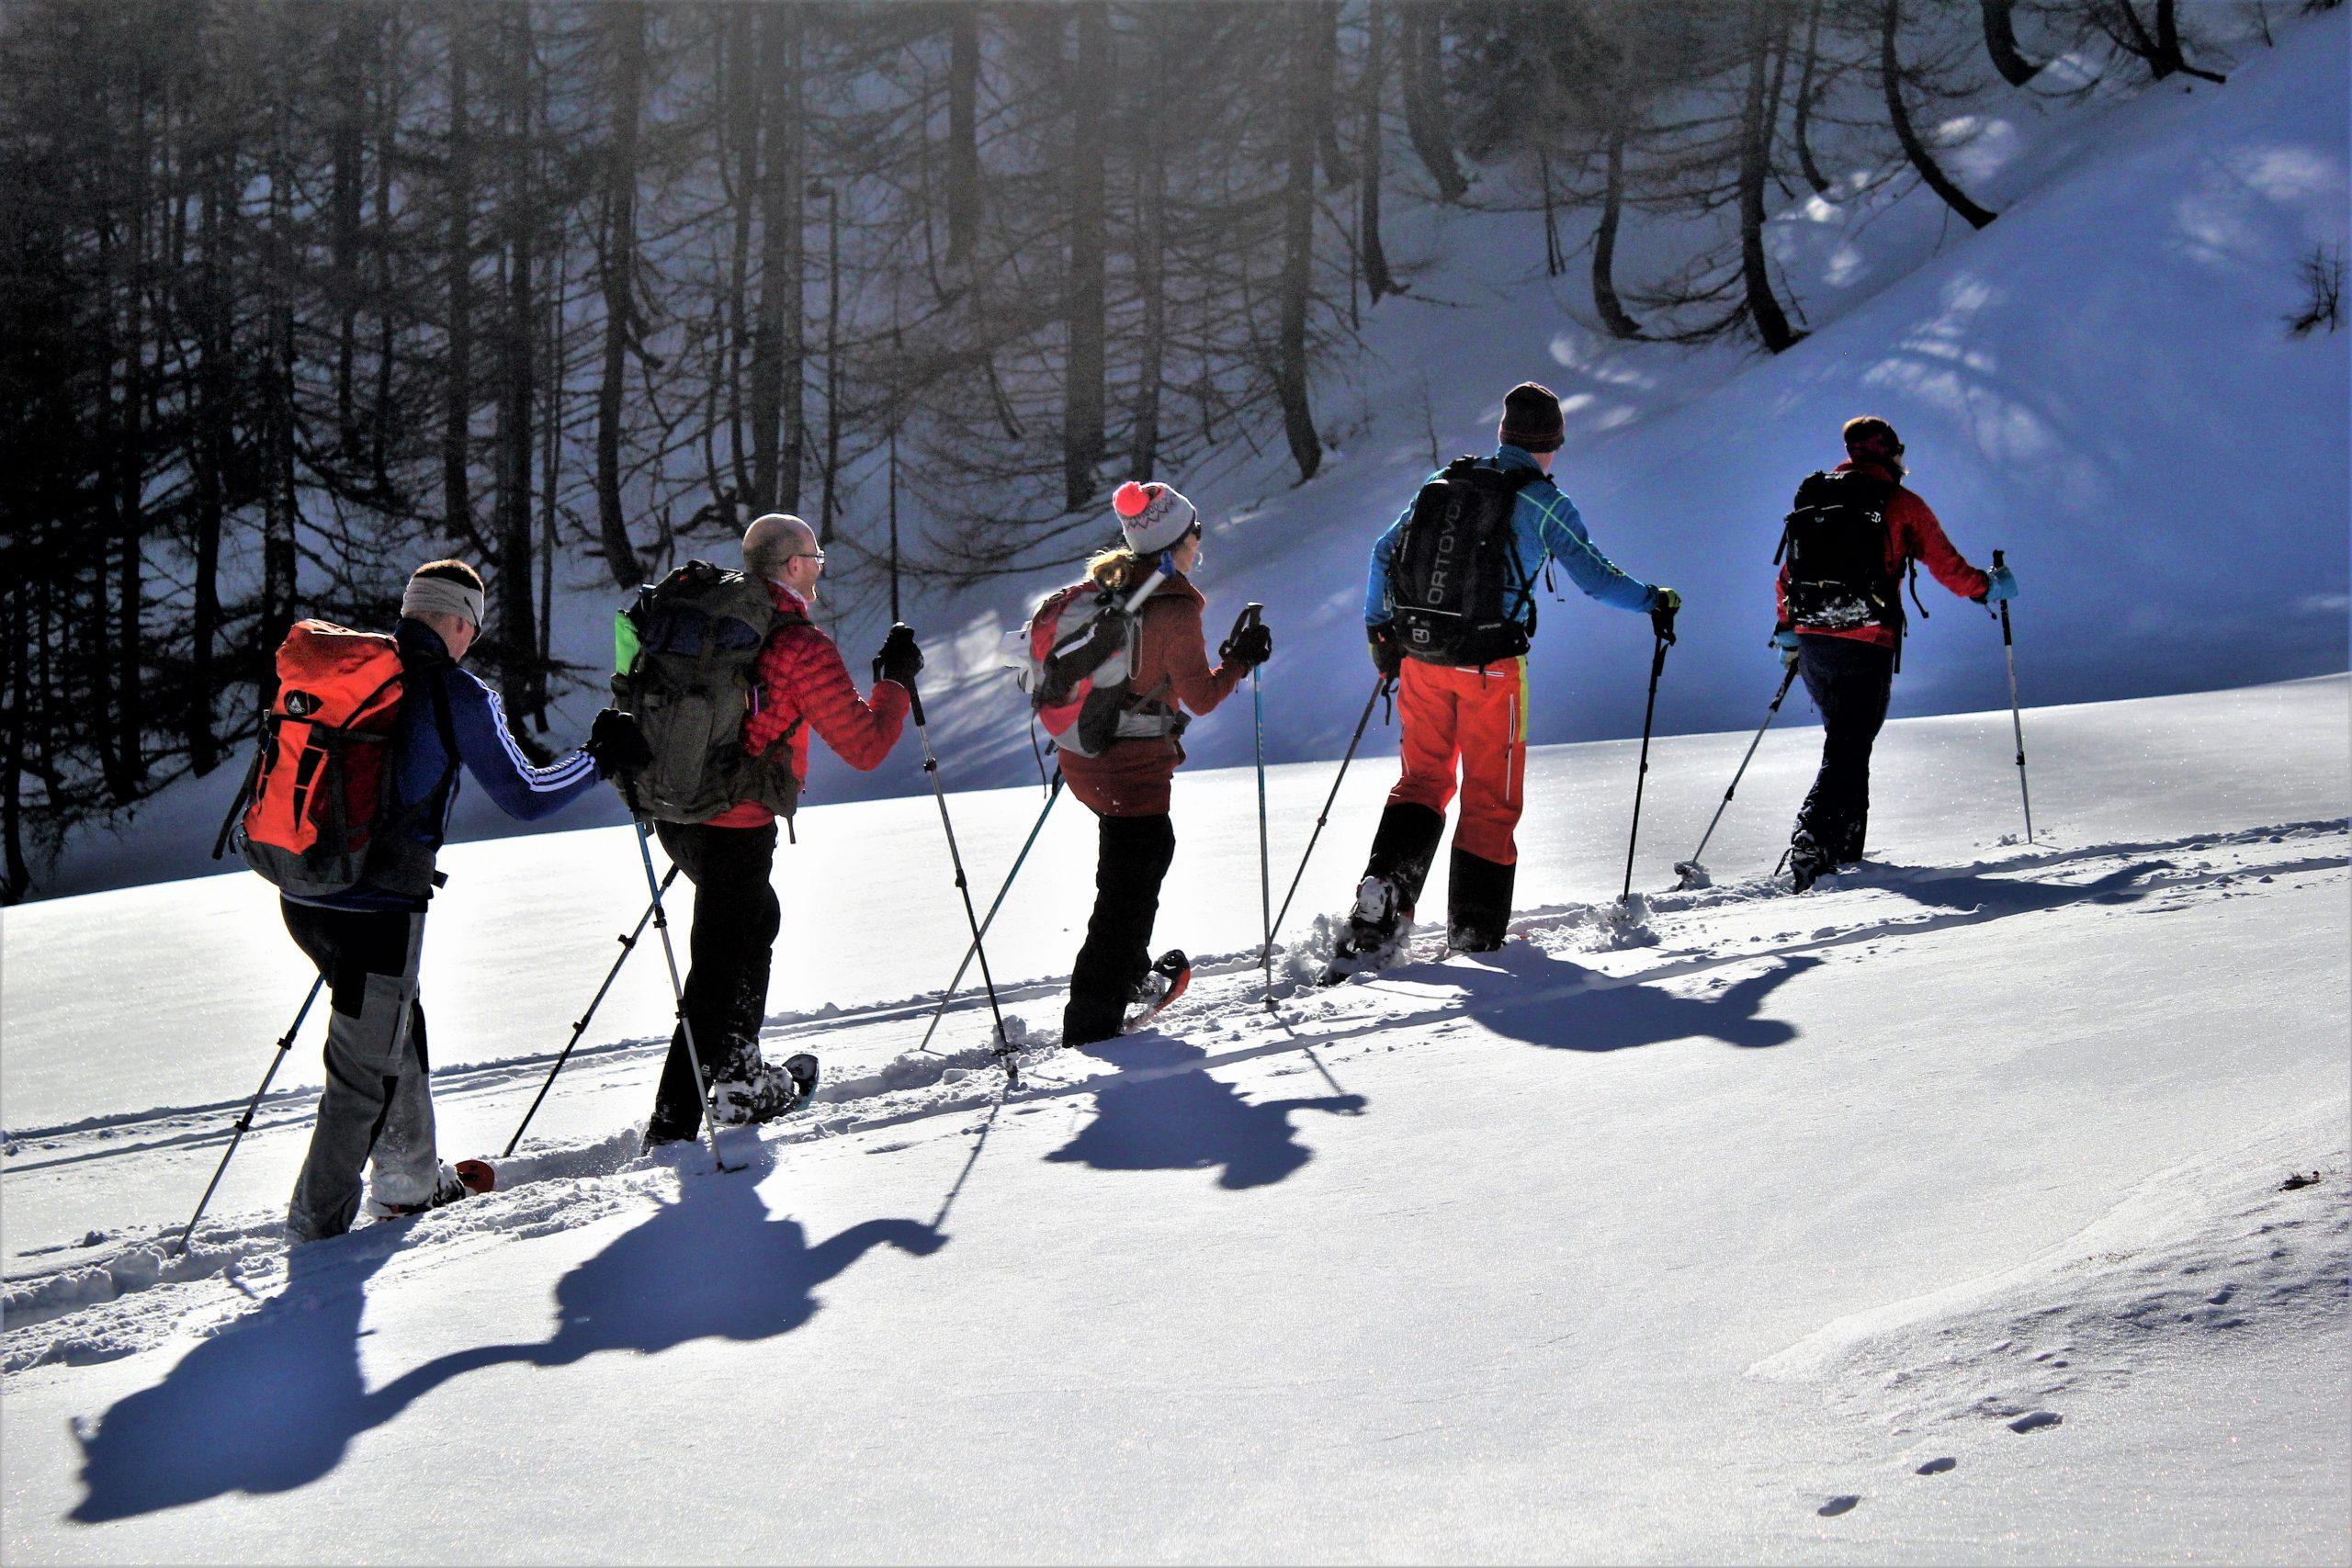 schneeschuhlaufen-gruppe-scaled.jpg